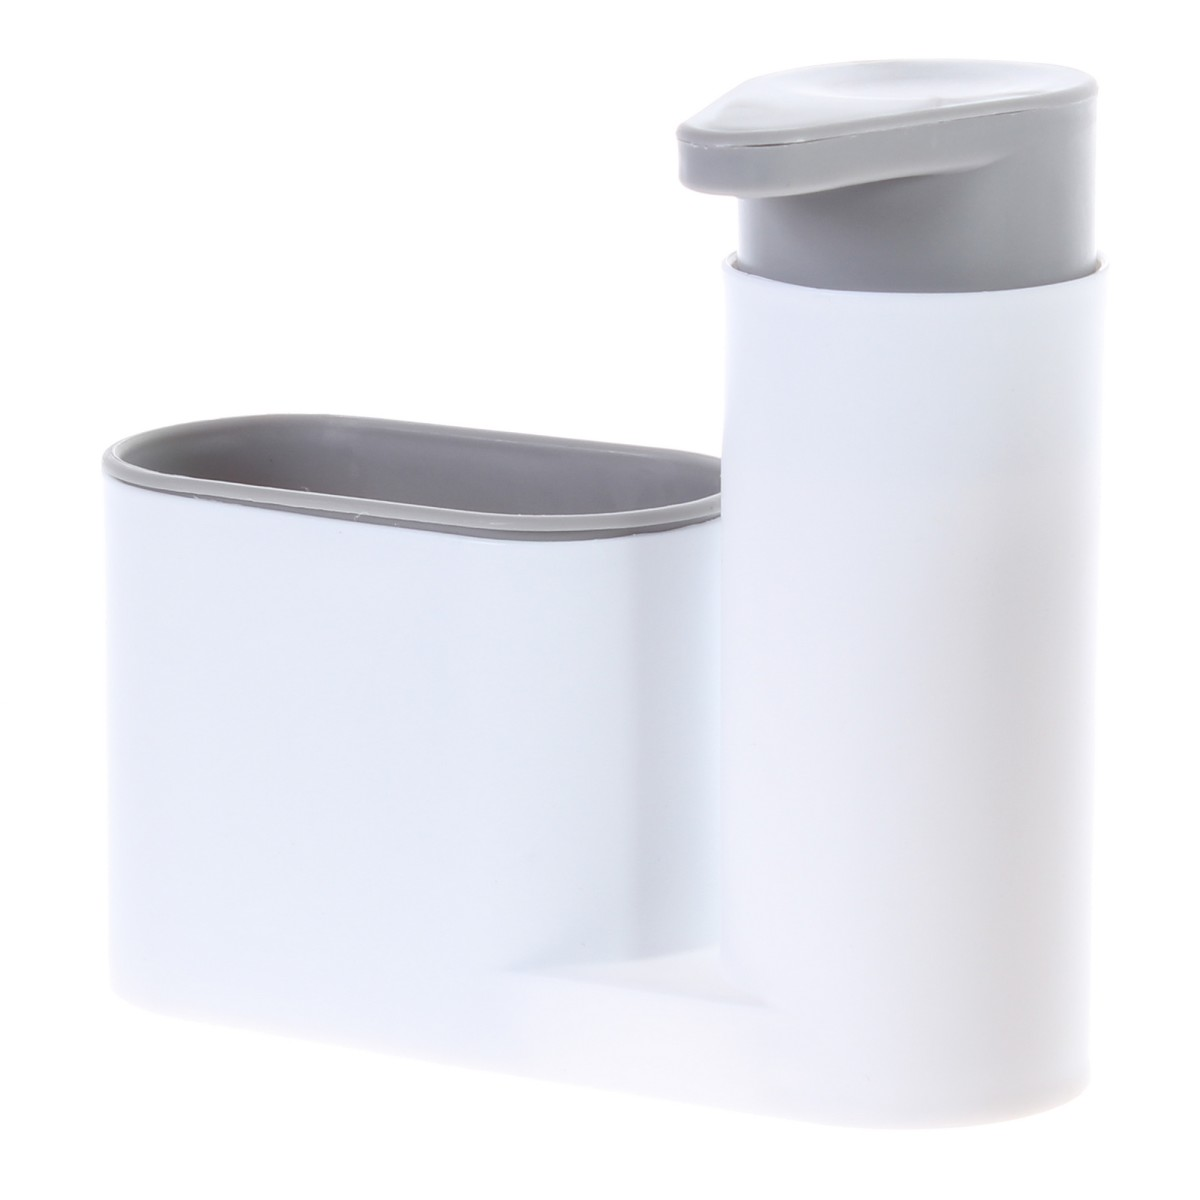 Дозатор для жидкого мыла с подставкой для кухонных аксессуаров